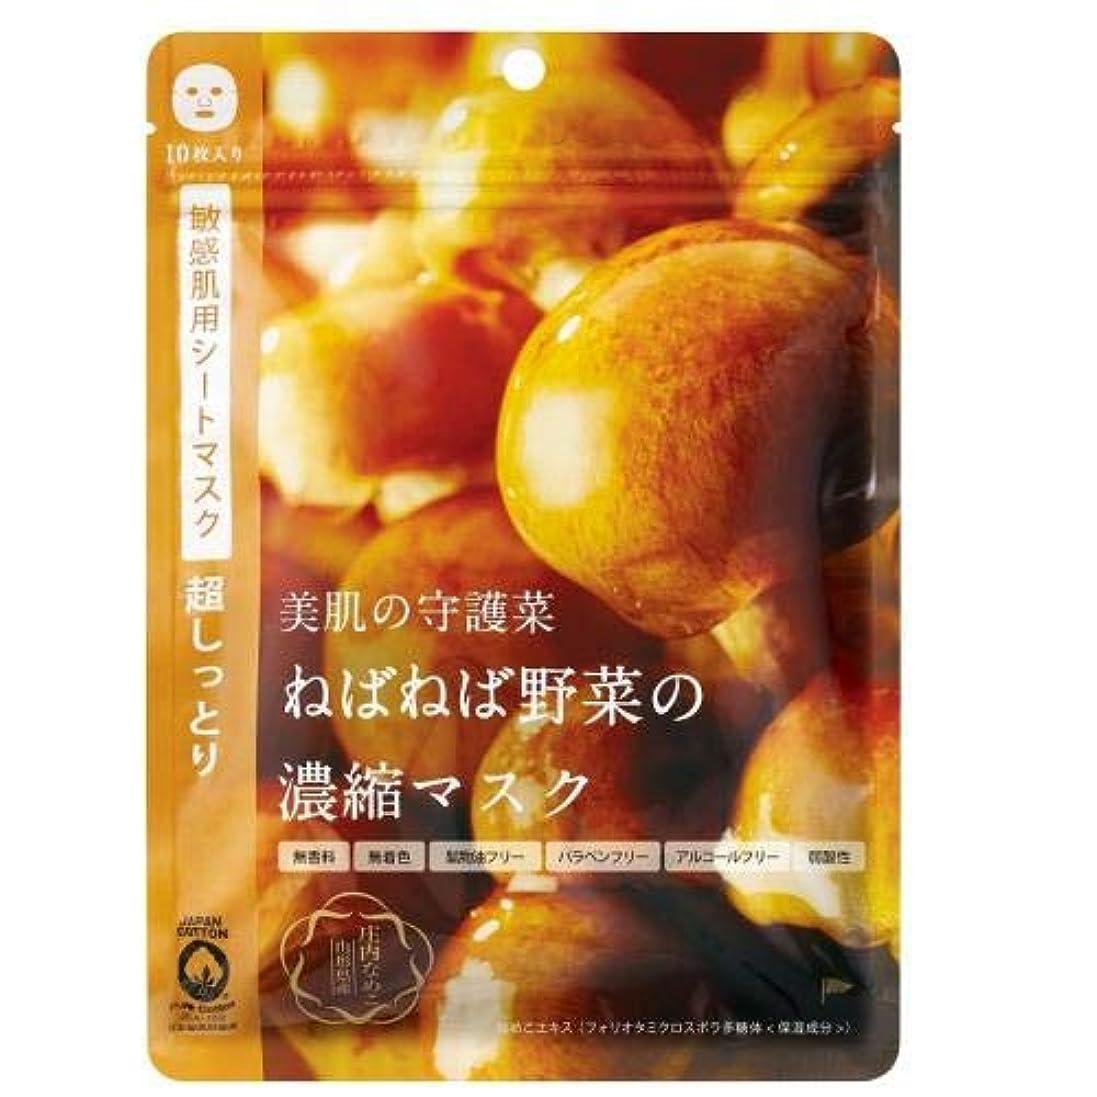 ガロンピアノぐるぐるアイメーカーズ @cosme nippon (アットコスメニッポン) 美肌の守護菜 ねばねば野菜の濃縮マスク 庄内なめこ 10枚 3個セット